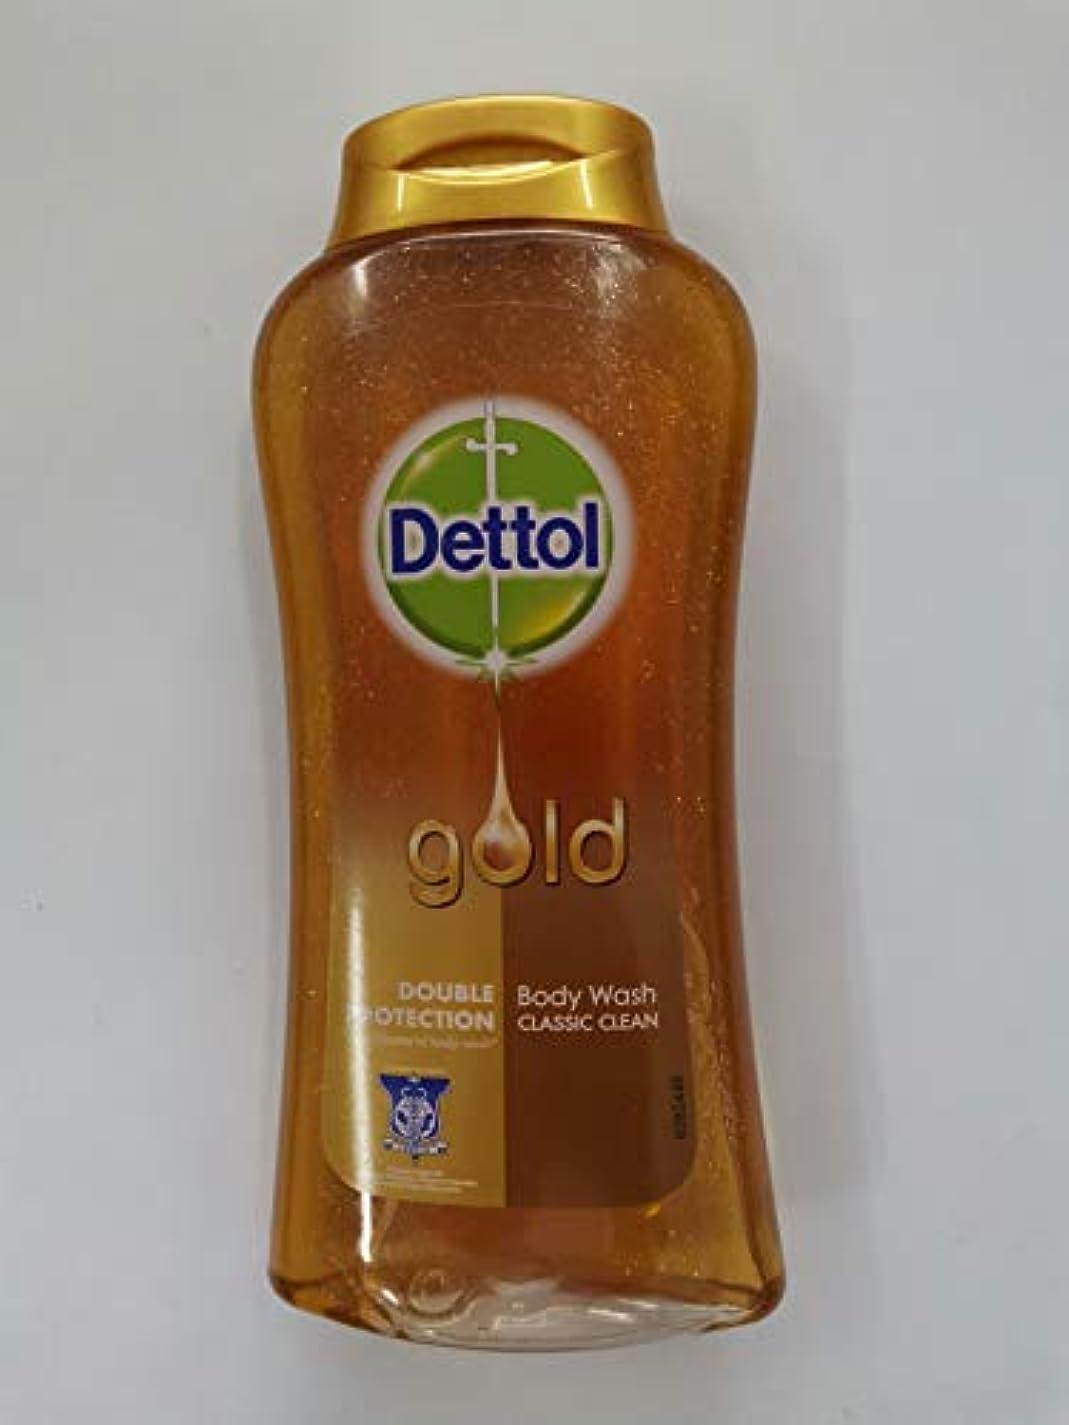 不可能な置き場お互いDettol クラシッククリーンボディローション250ミリリットル - 細菌非食用風呂-kills 99.9% - 毎日の細菌を防ぎます